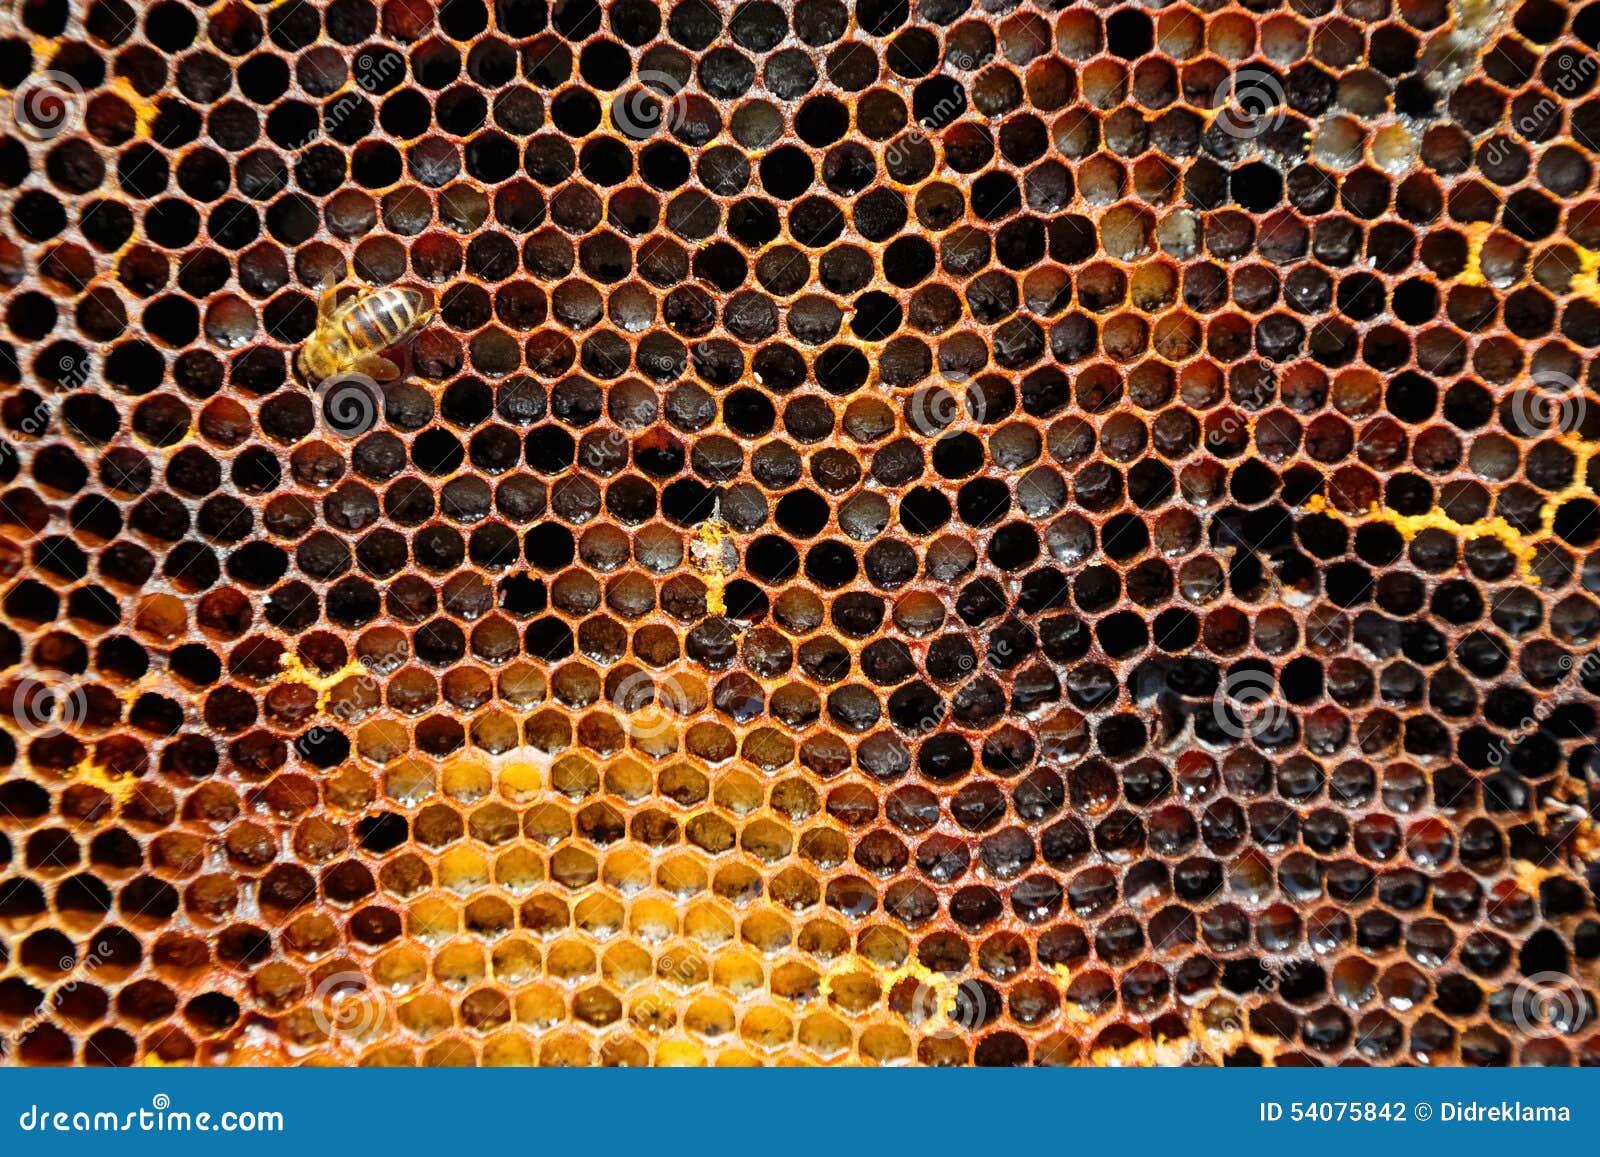 Beeld van een honingraat in close-up